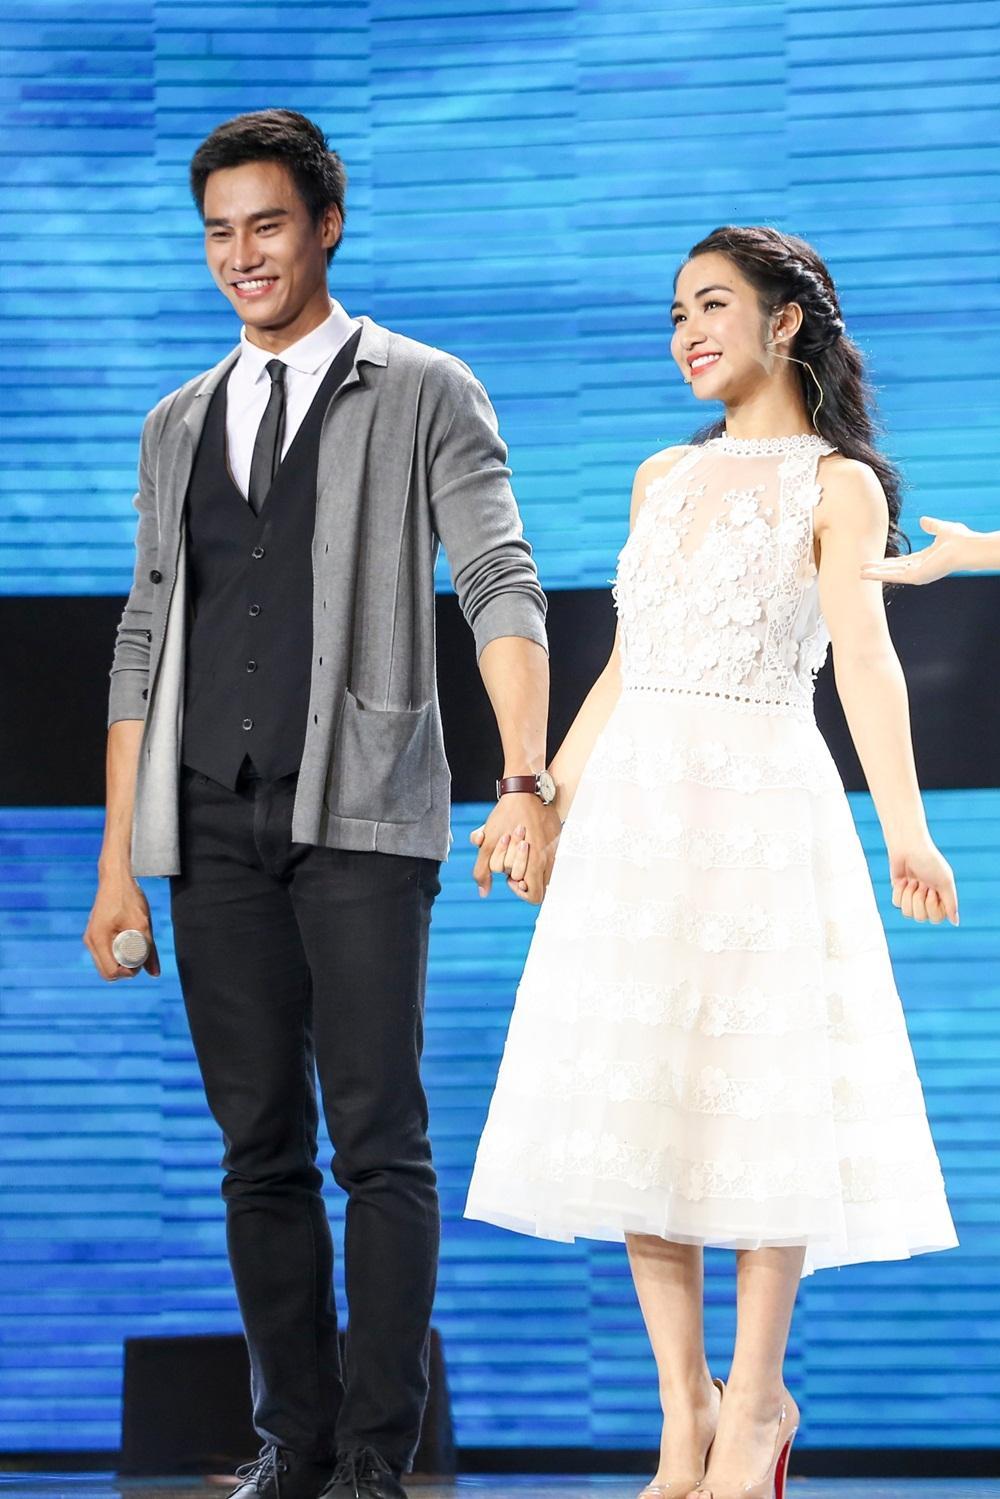 Erik ăn vạ trên sân khấu khi bị Hòa Minzy tranh mất trai đẹp-2